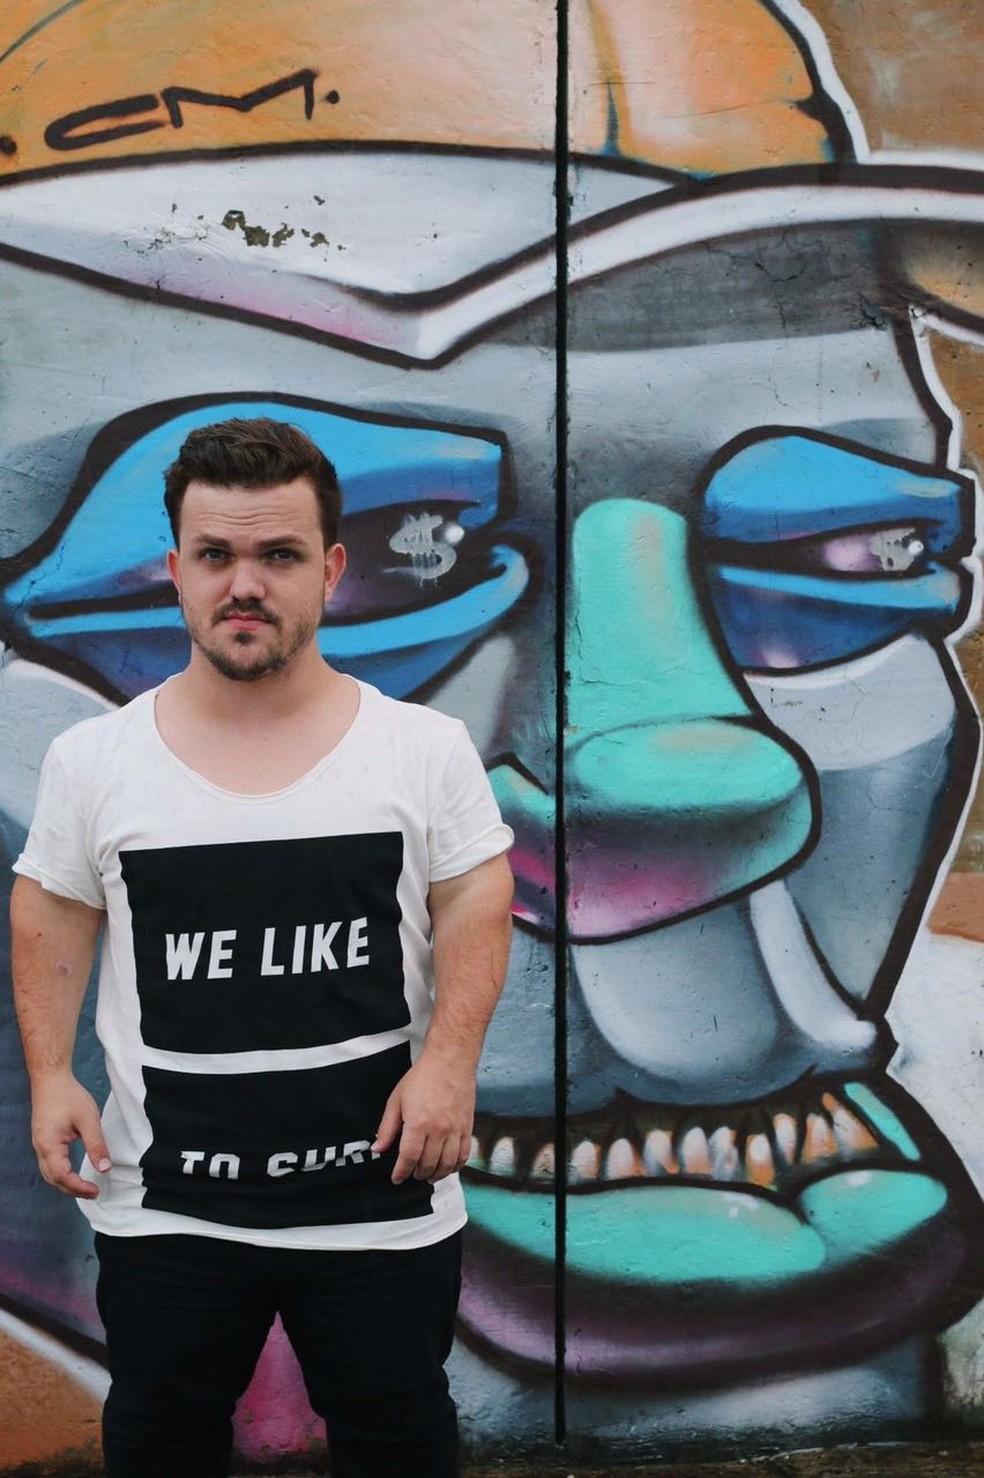 Anão modelo bomba na web e prega aceitação: 'Ser baixinho não é problema' (Foto: Mateus Baptistella/Arquivo pessoal)